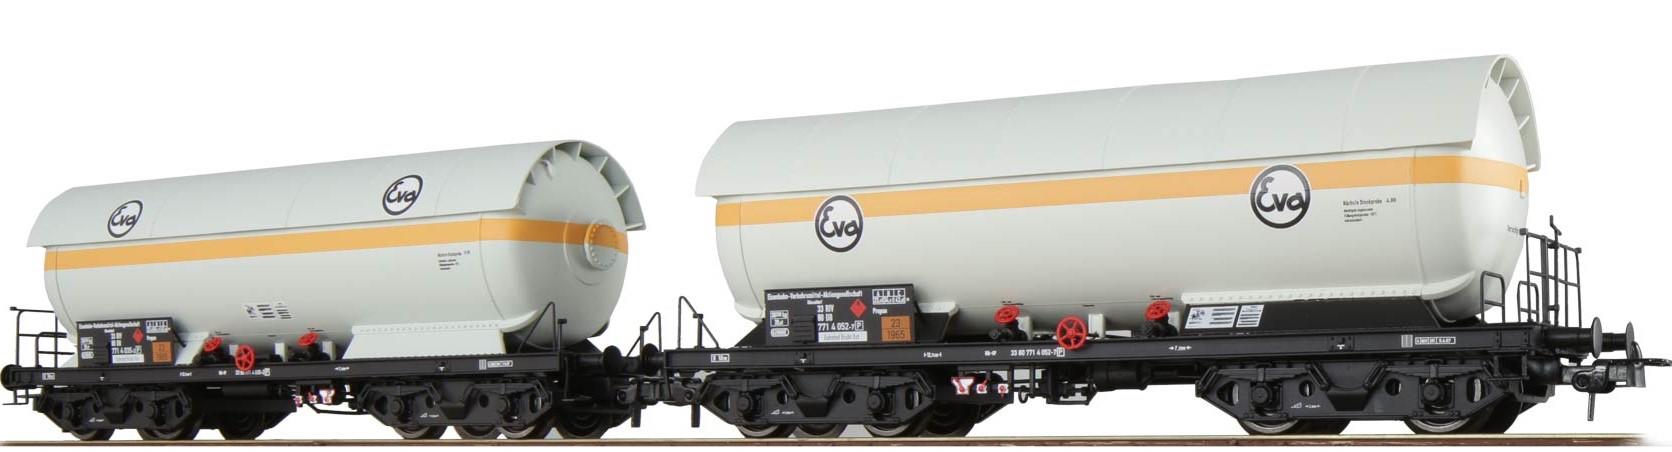 ESU - Gas-Kesselwagen noch in kleiner Stückzahl lieferbar